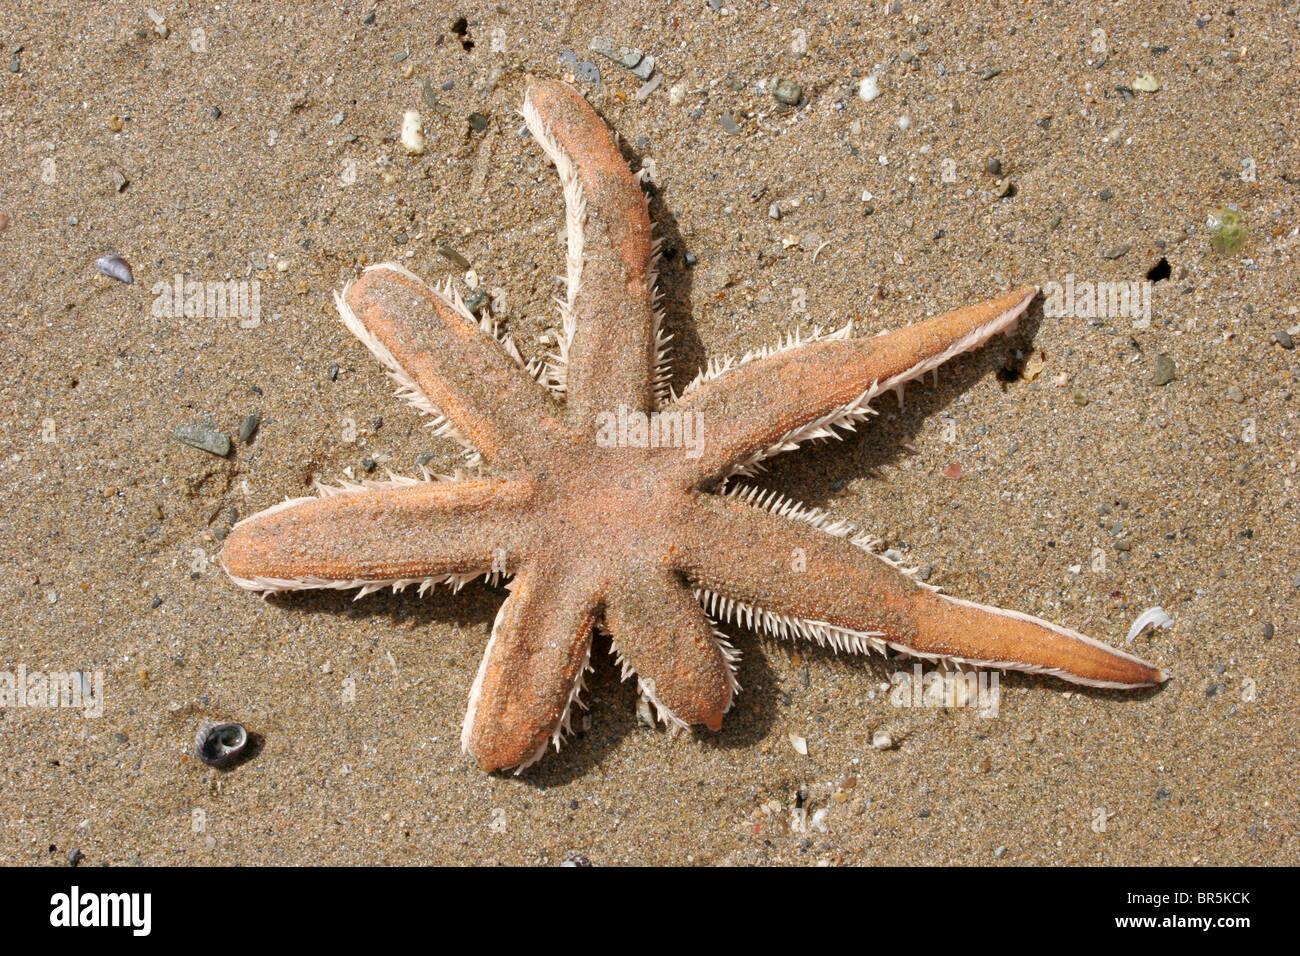 Sette-armati starfish (Luidia ciliaris : Luidiidae) esposto sulla sabbia a molto bassa marea, UK. Immagini Stock